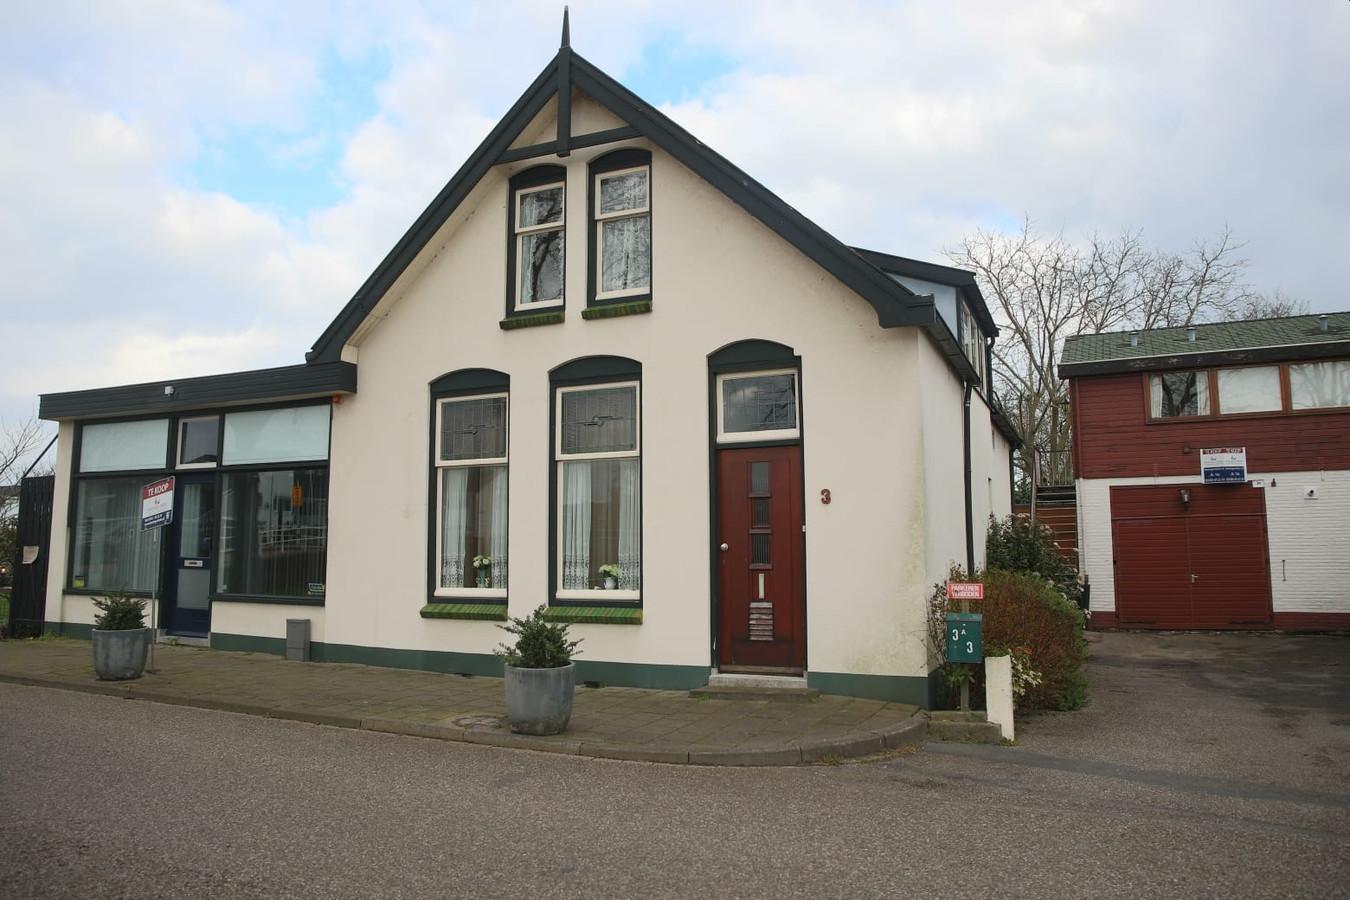 Notaris d'Aumerielaan 3, Reeuwijk. Vraagprijs: 597.000 euro